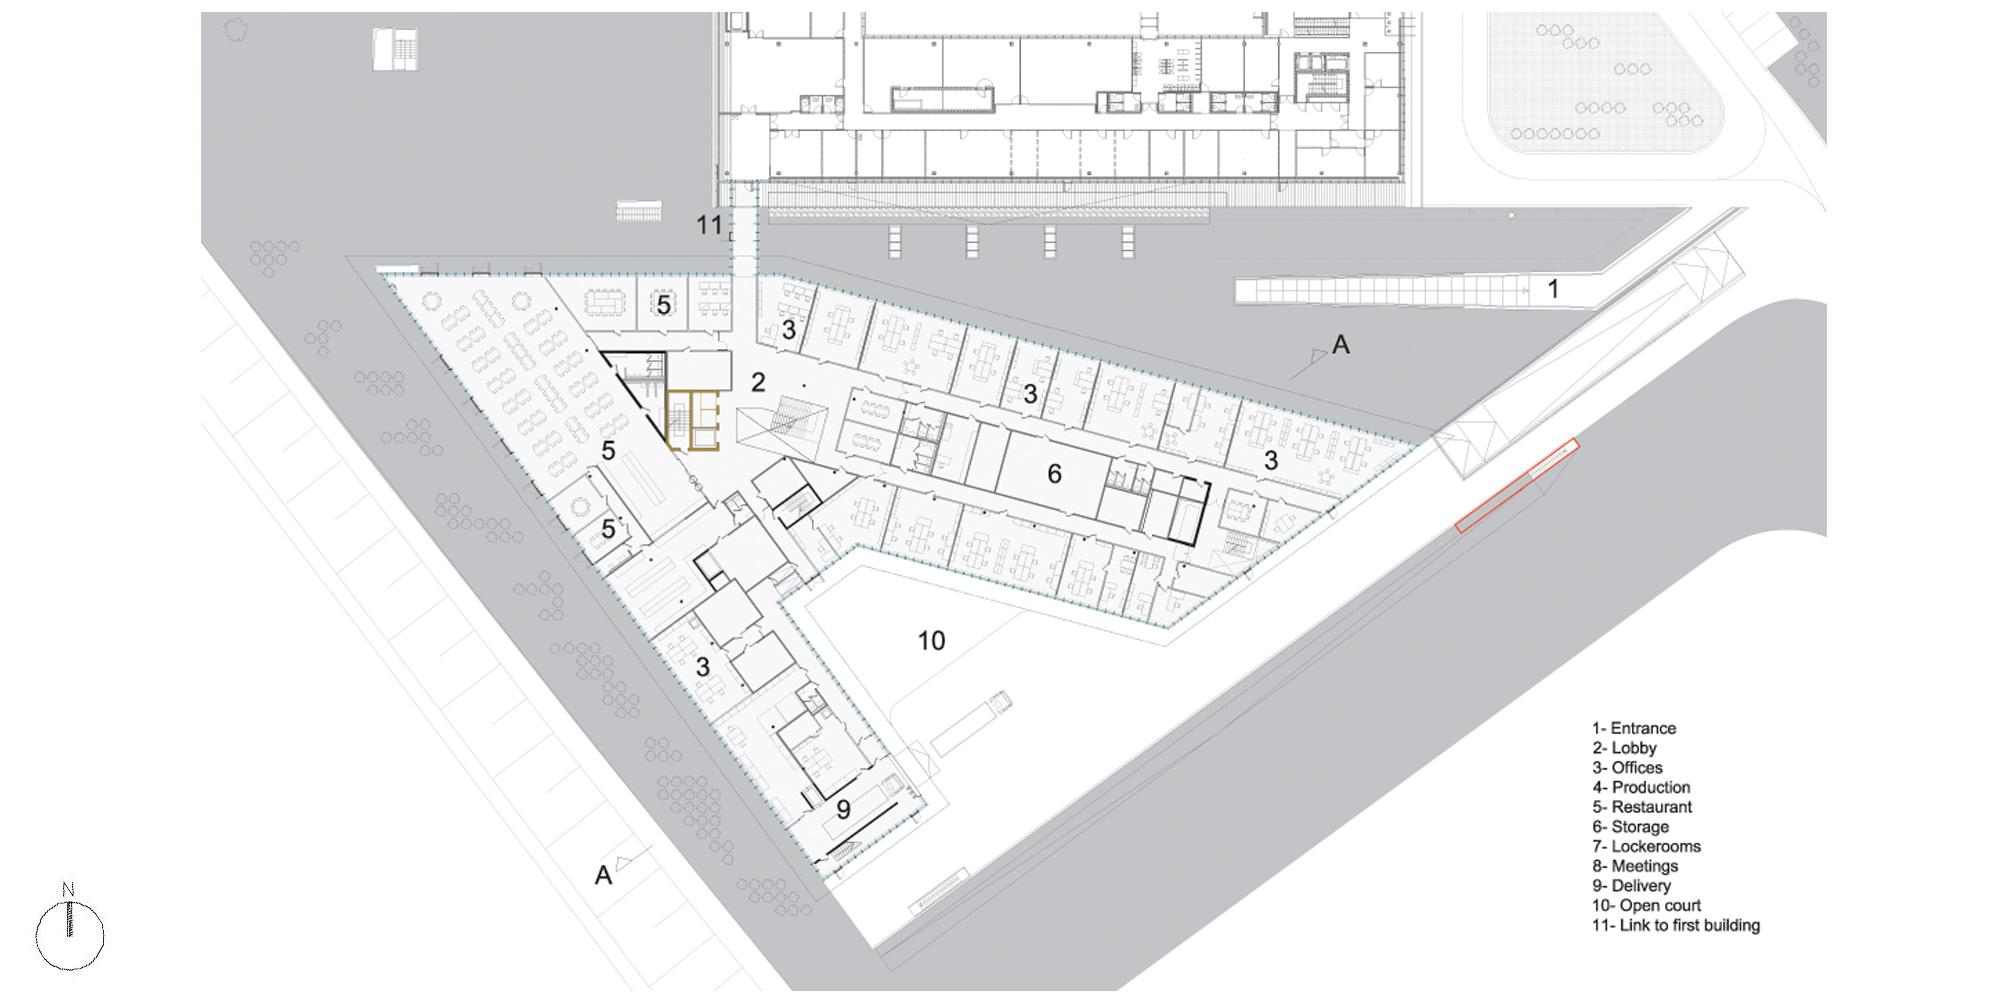 Pianta Piano Terra © Bernard Tschumi Architects